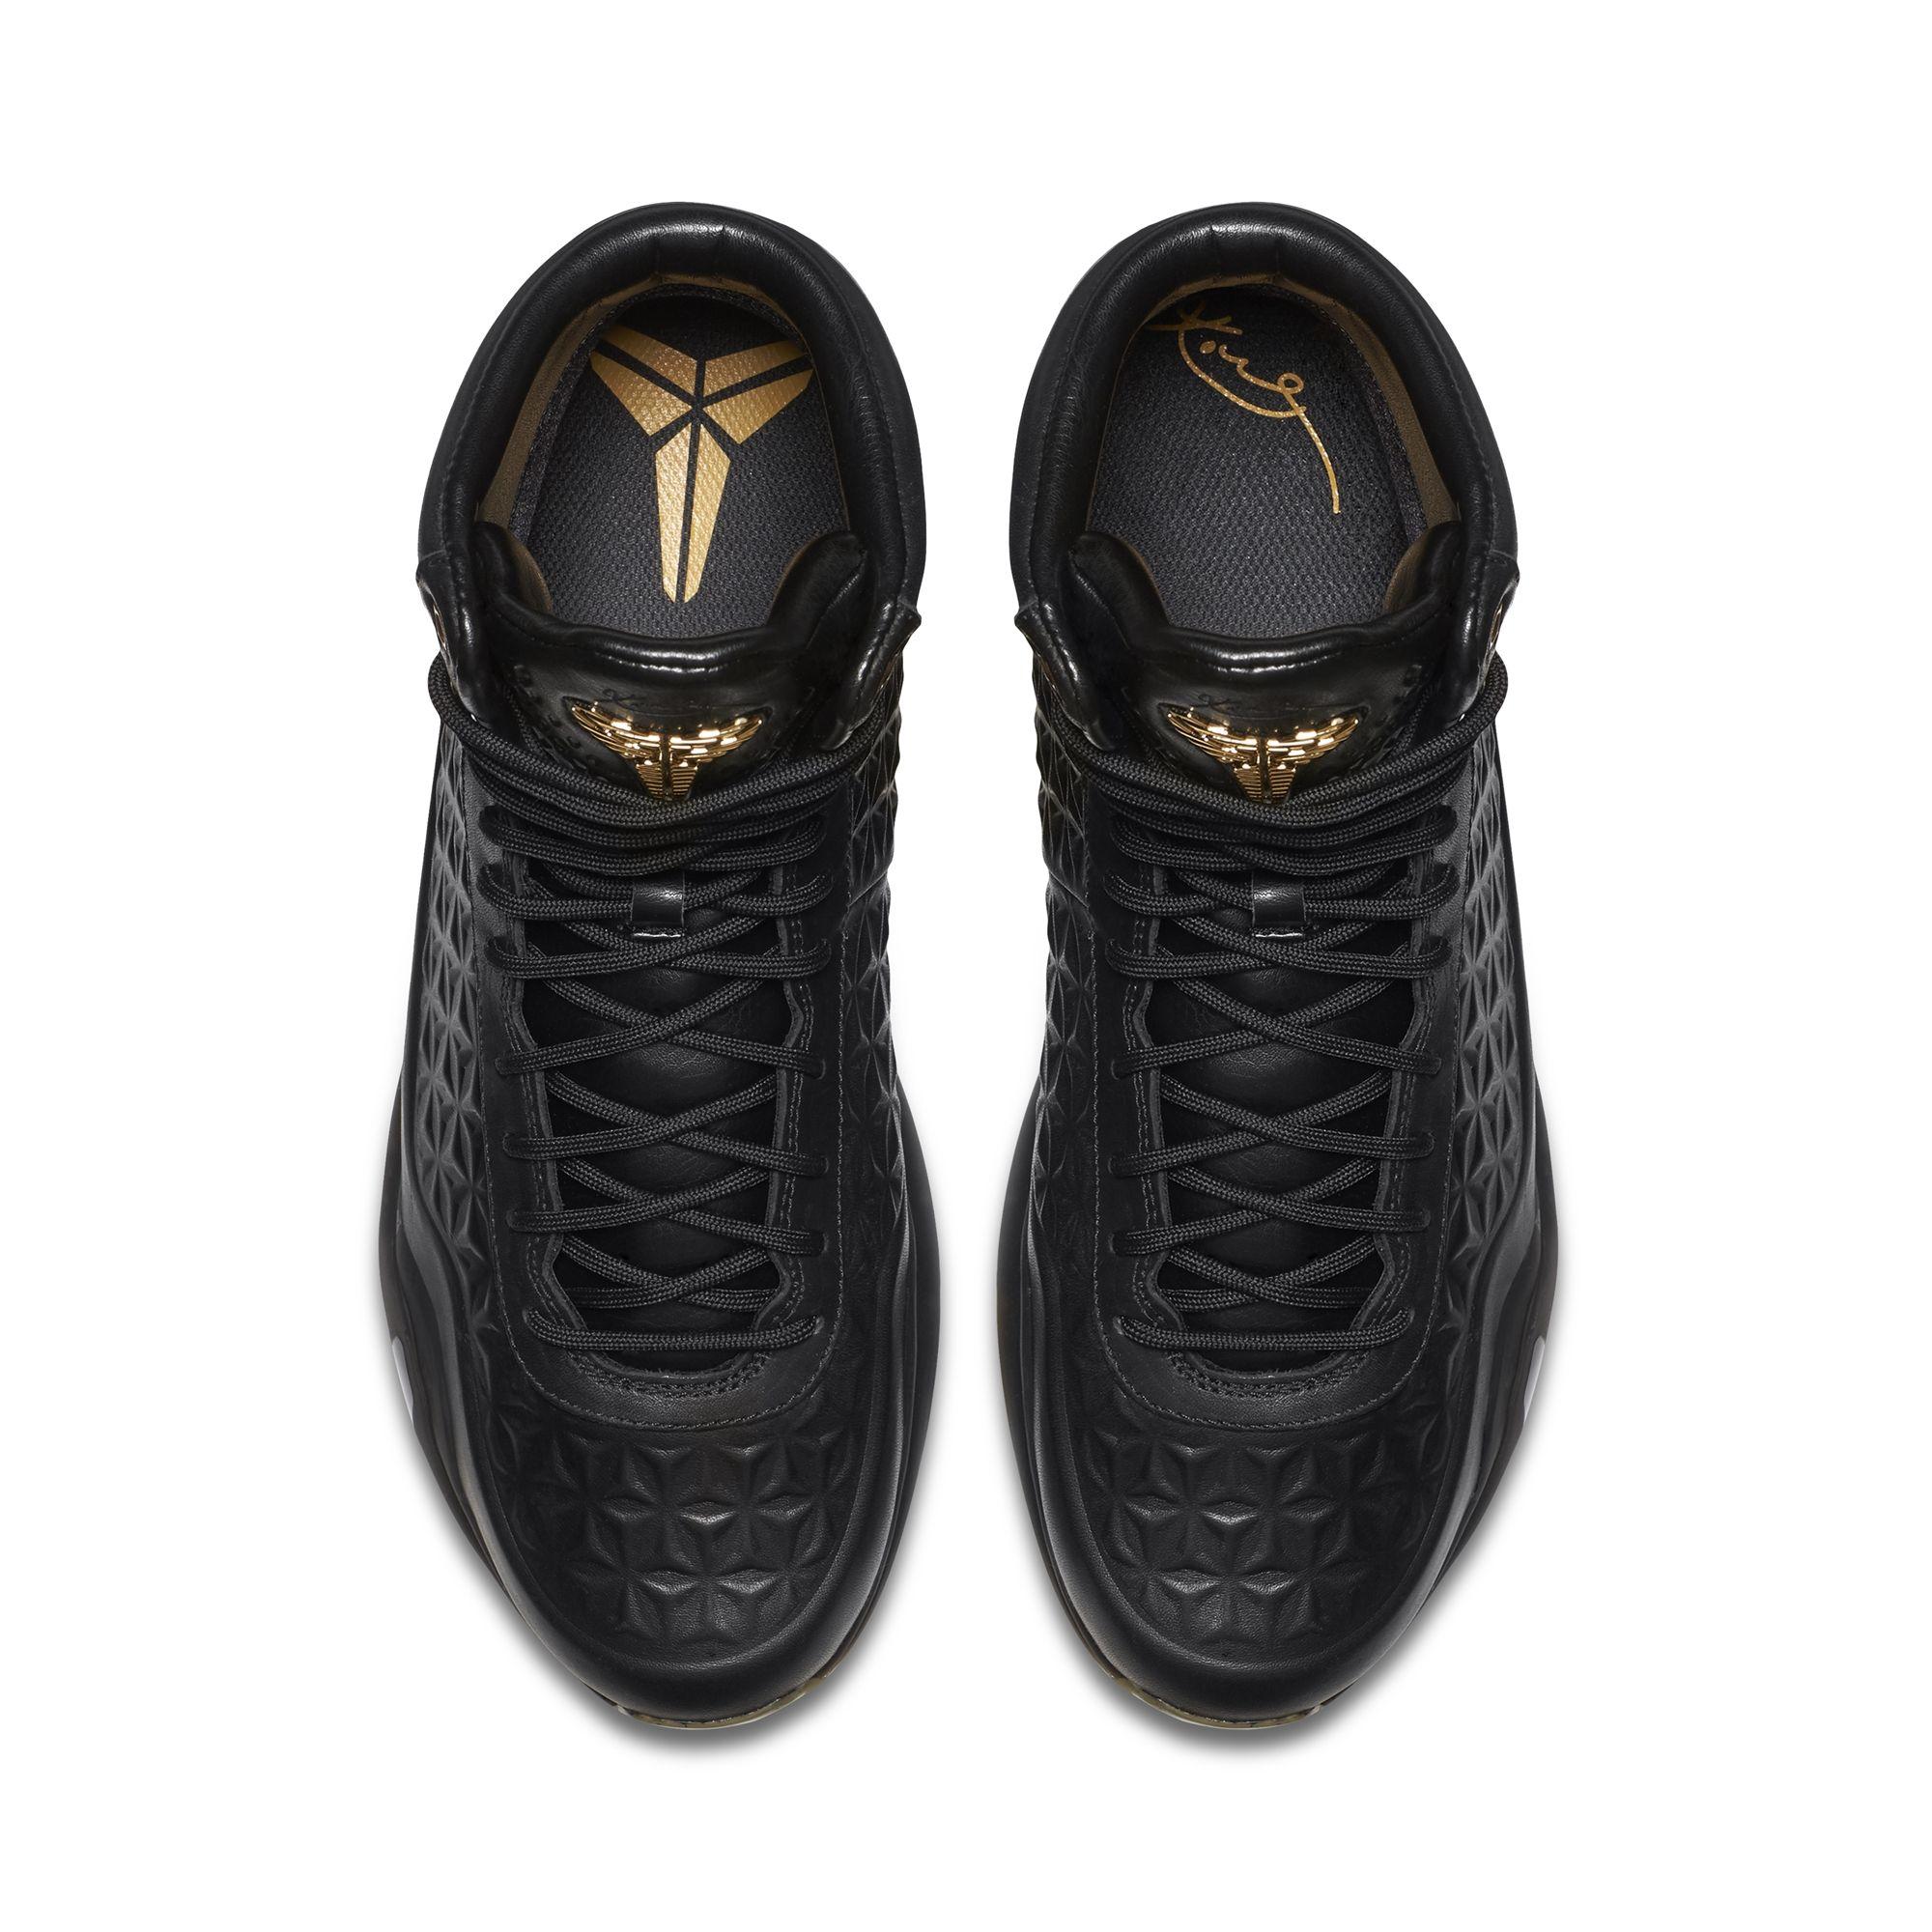 Tênis Nike Kobe X Elite Ext QS Masculino - Nike no Nike.com.br